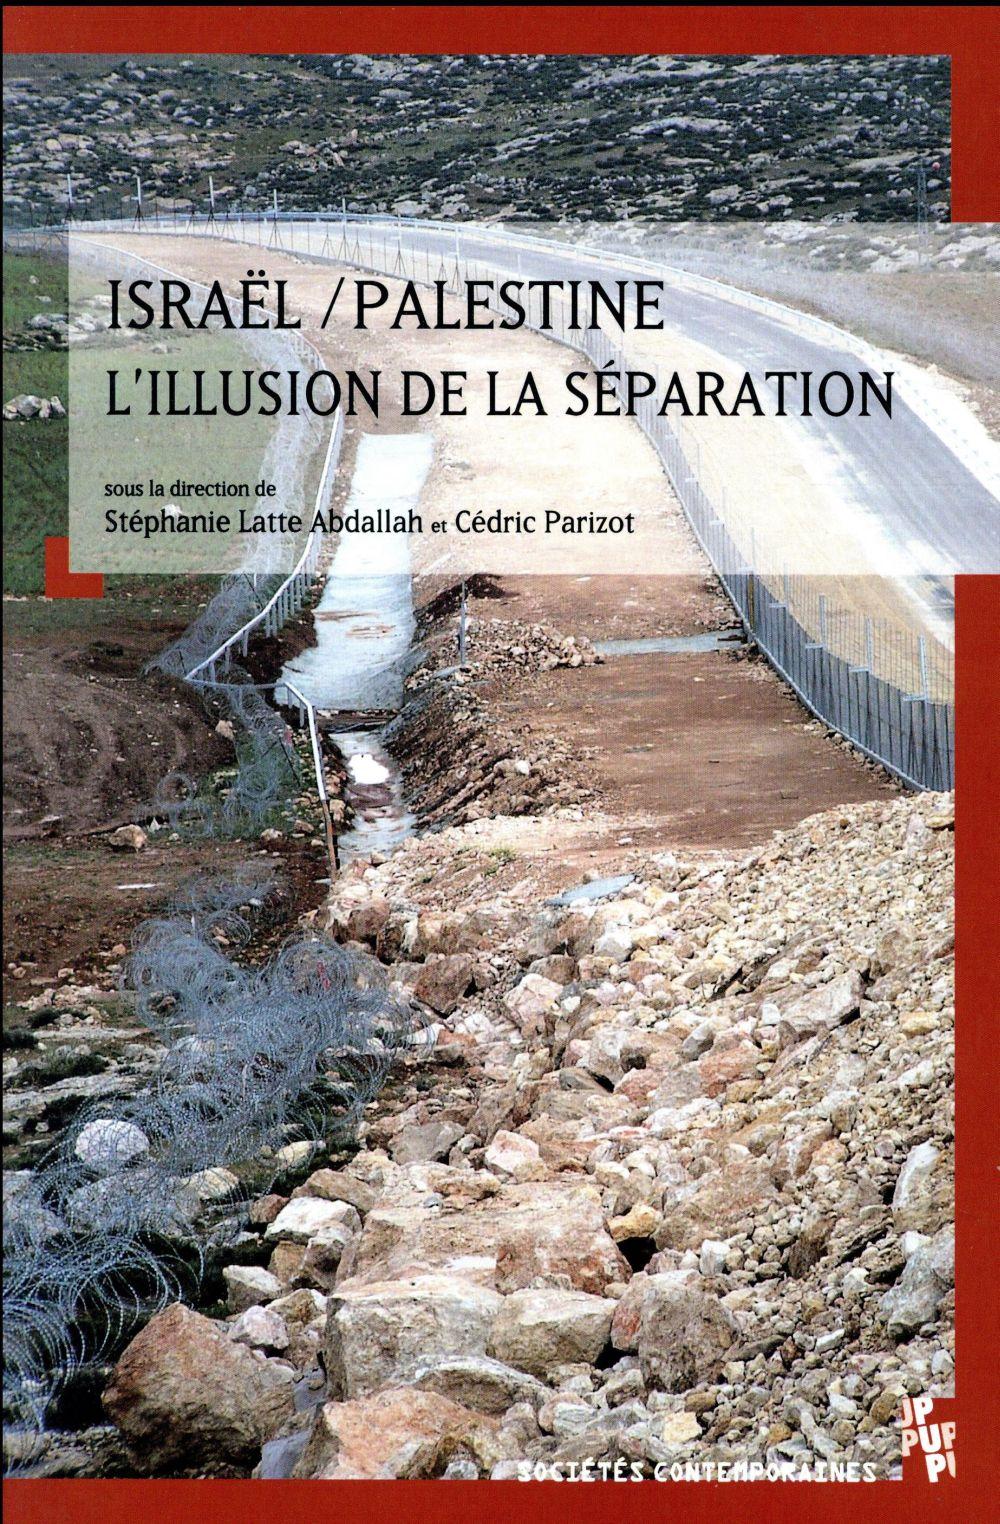 Israel/Palestine, l'illusion de la séparation